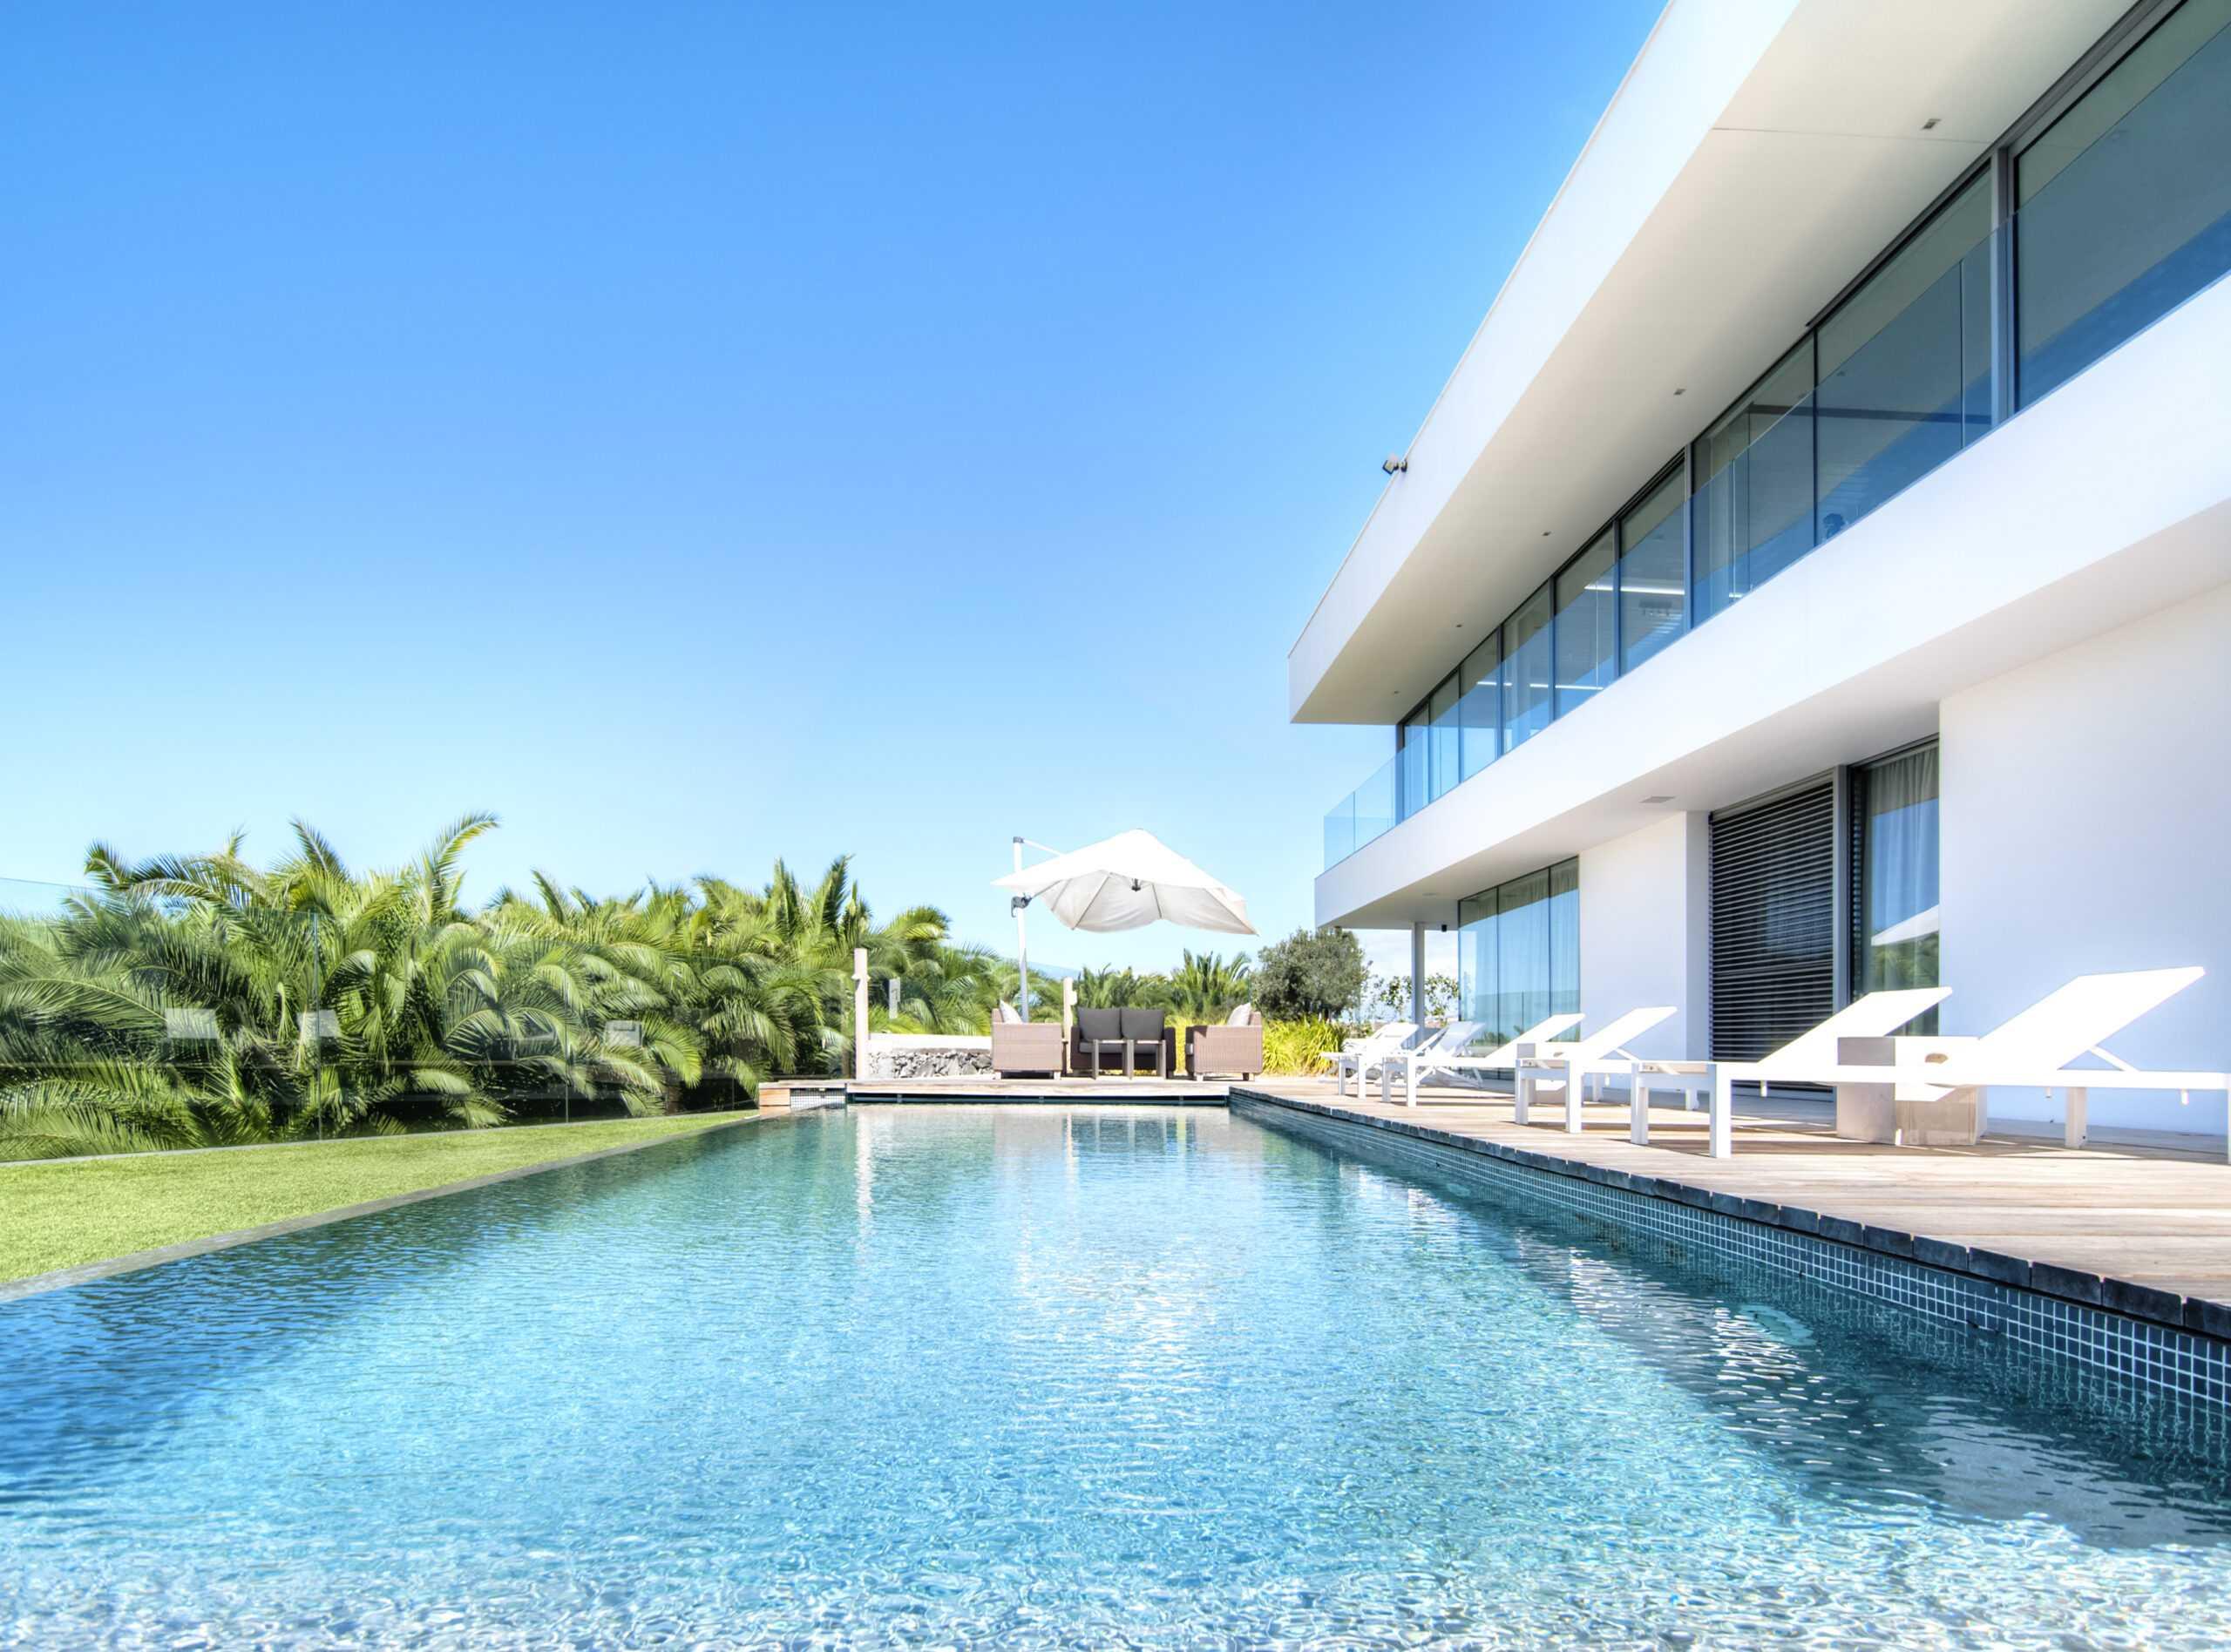 Цены на недвижимость в различных странах мира